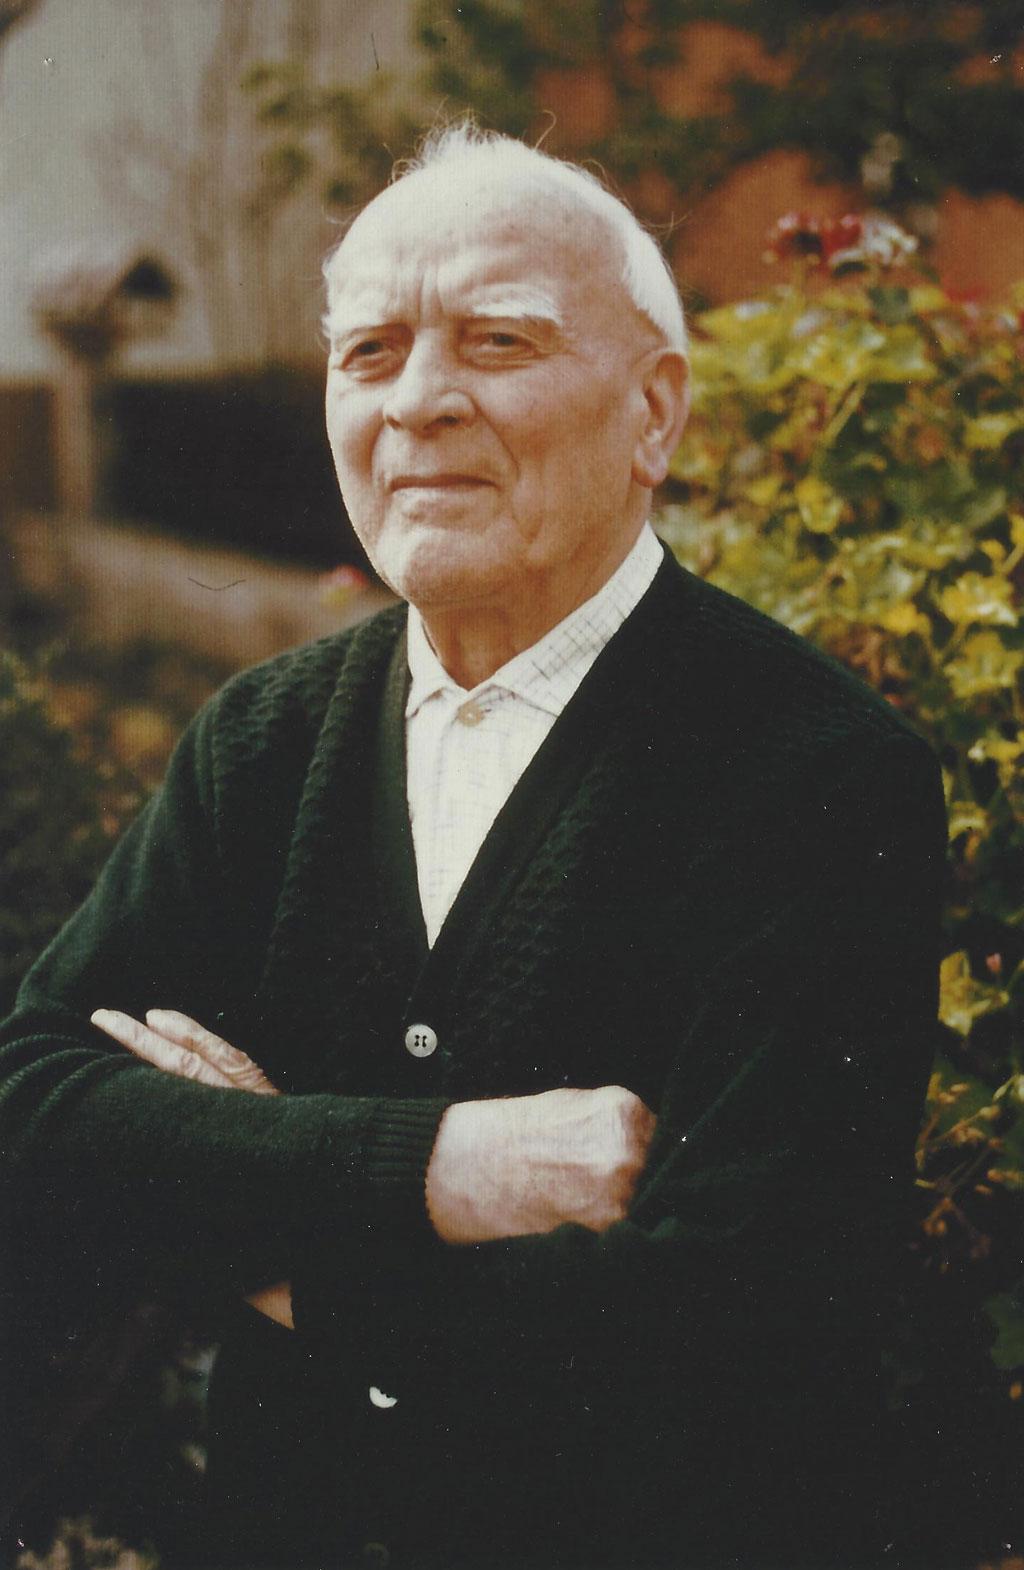 Anton Stockmann